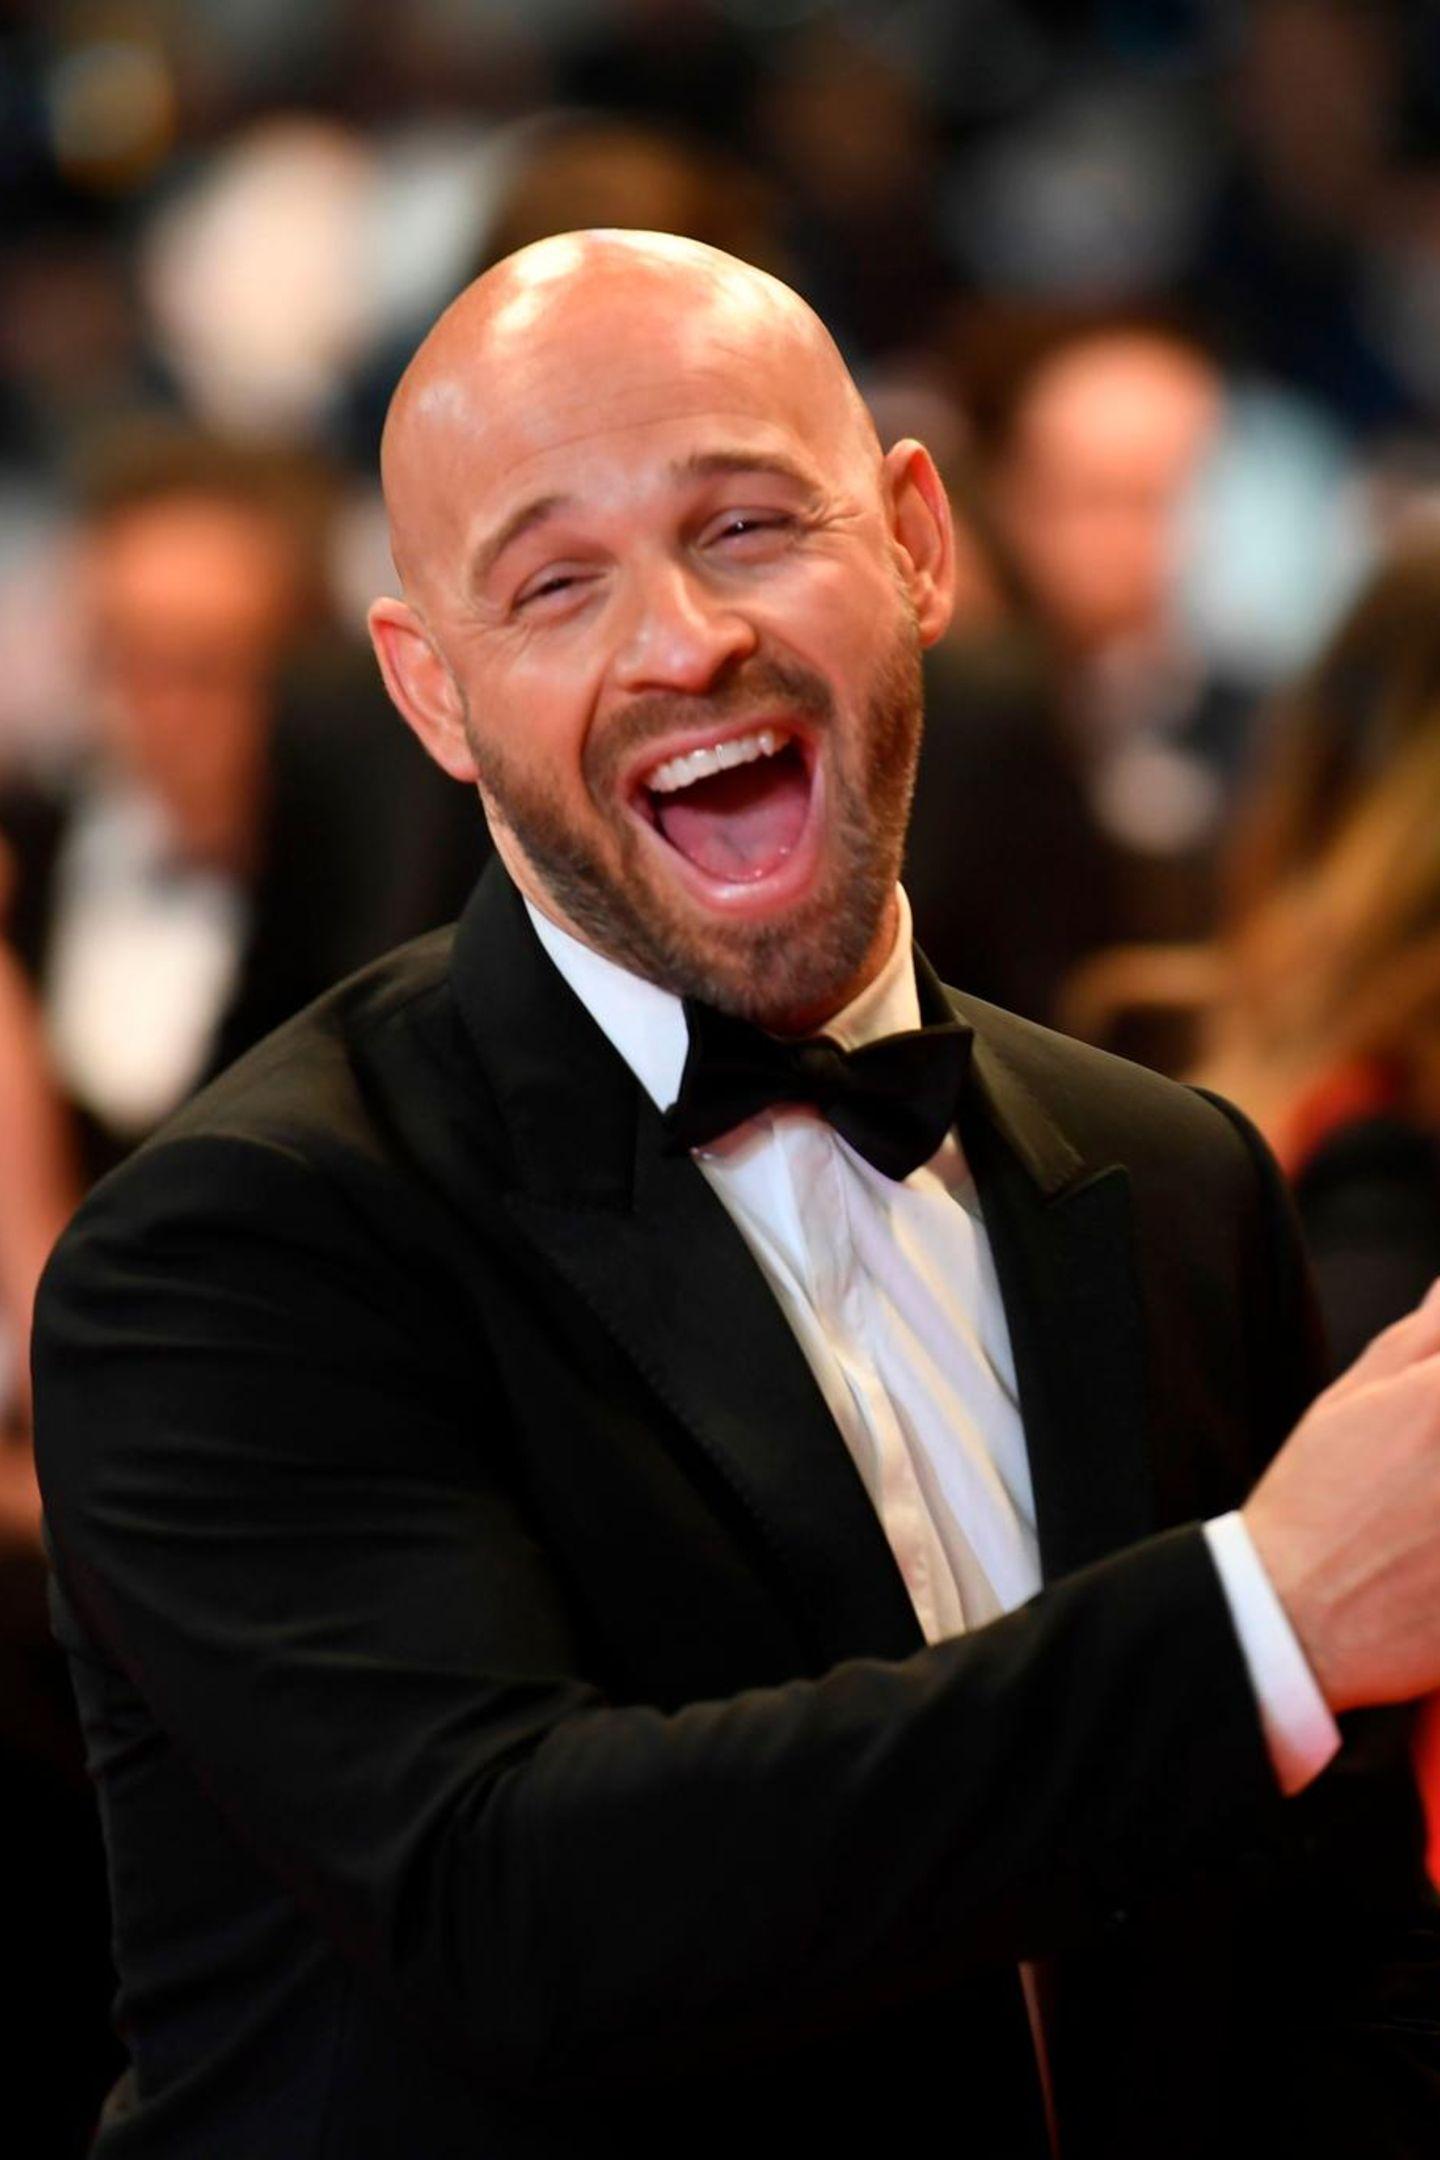 Für gute Laune sorgt auchFranck Gastambide, der mit seinem Lachen alle ansteckt.